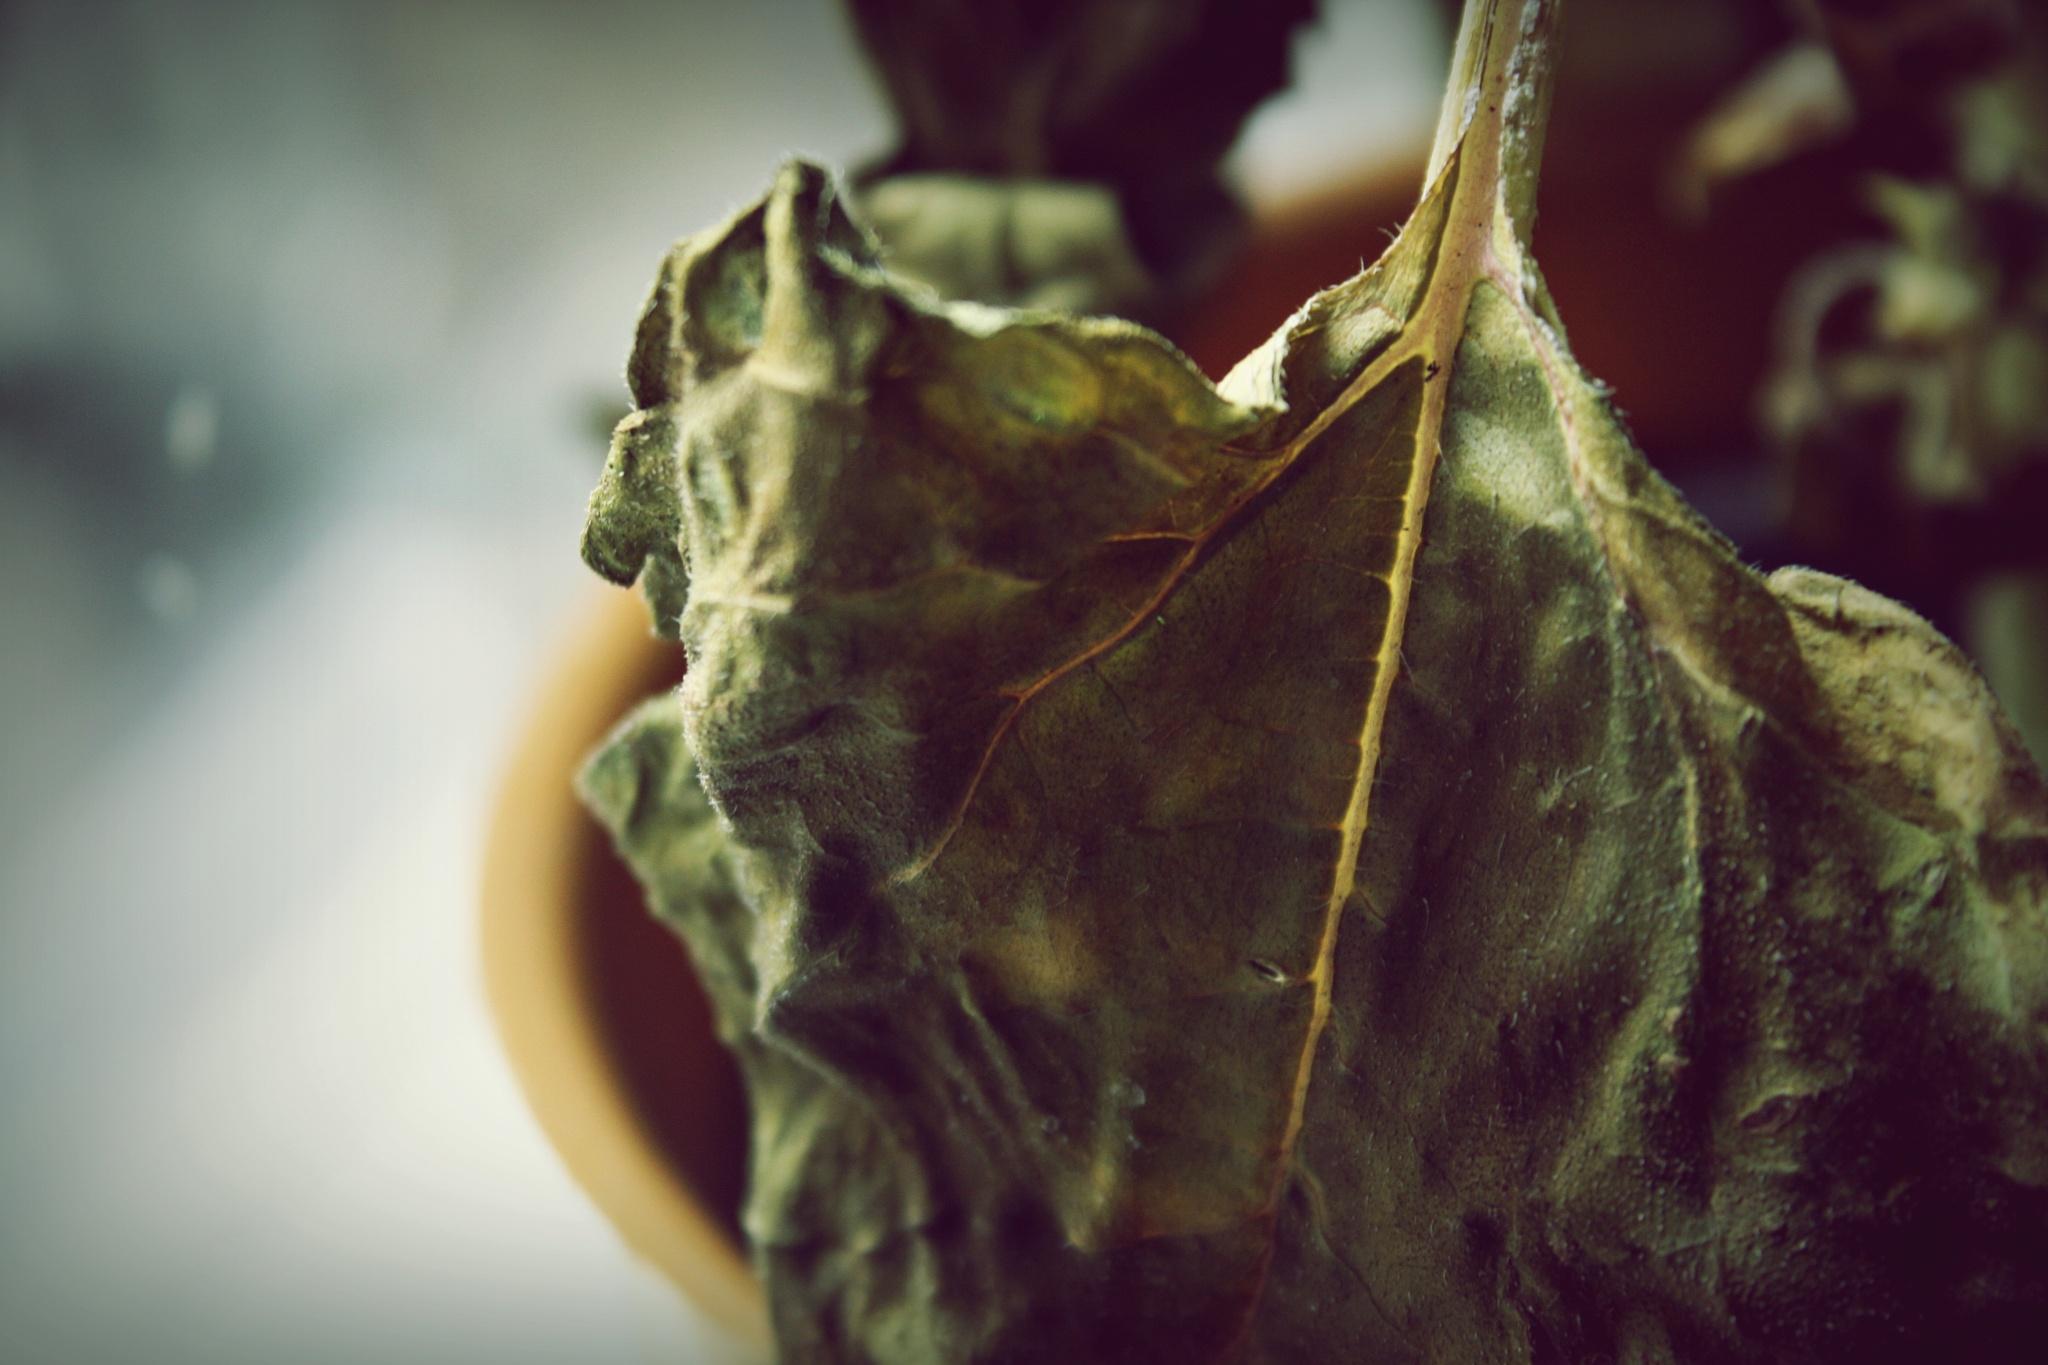 Sunflower leaf by Crismik